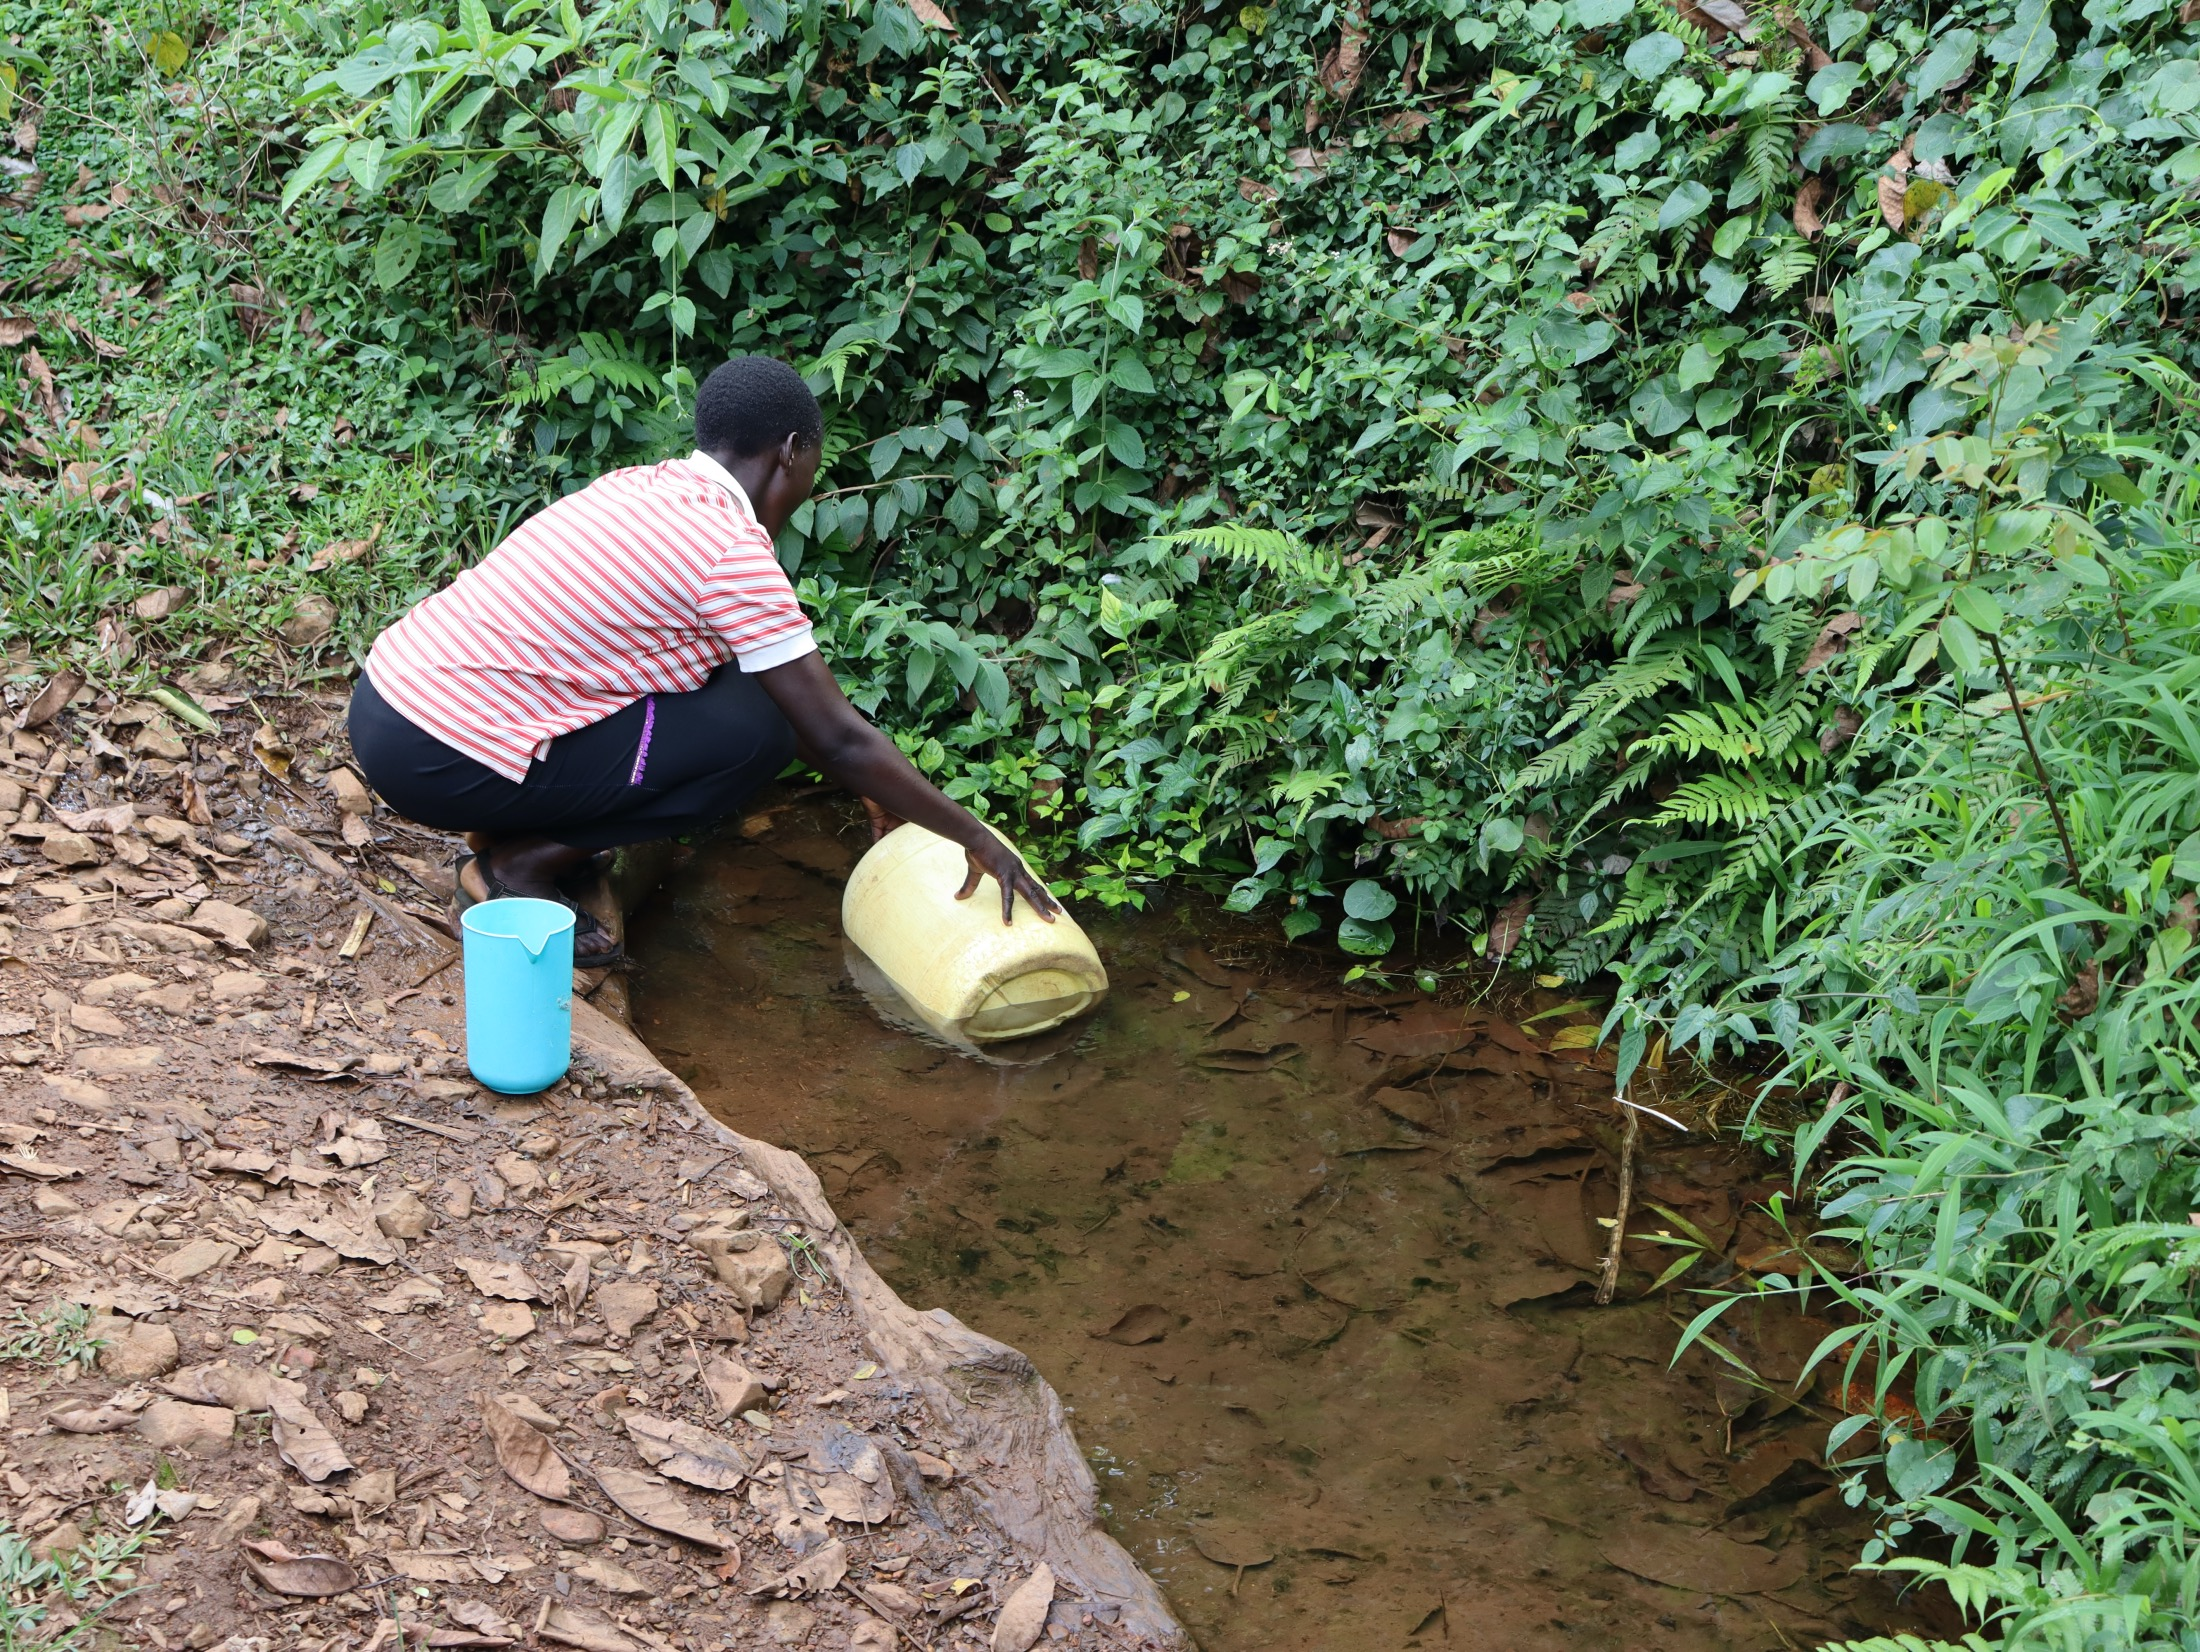 The Water Project : 28-kenya20167-nillah-imbusi-collects-water-2